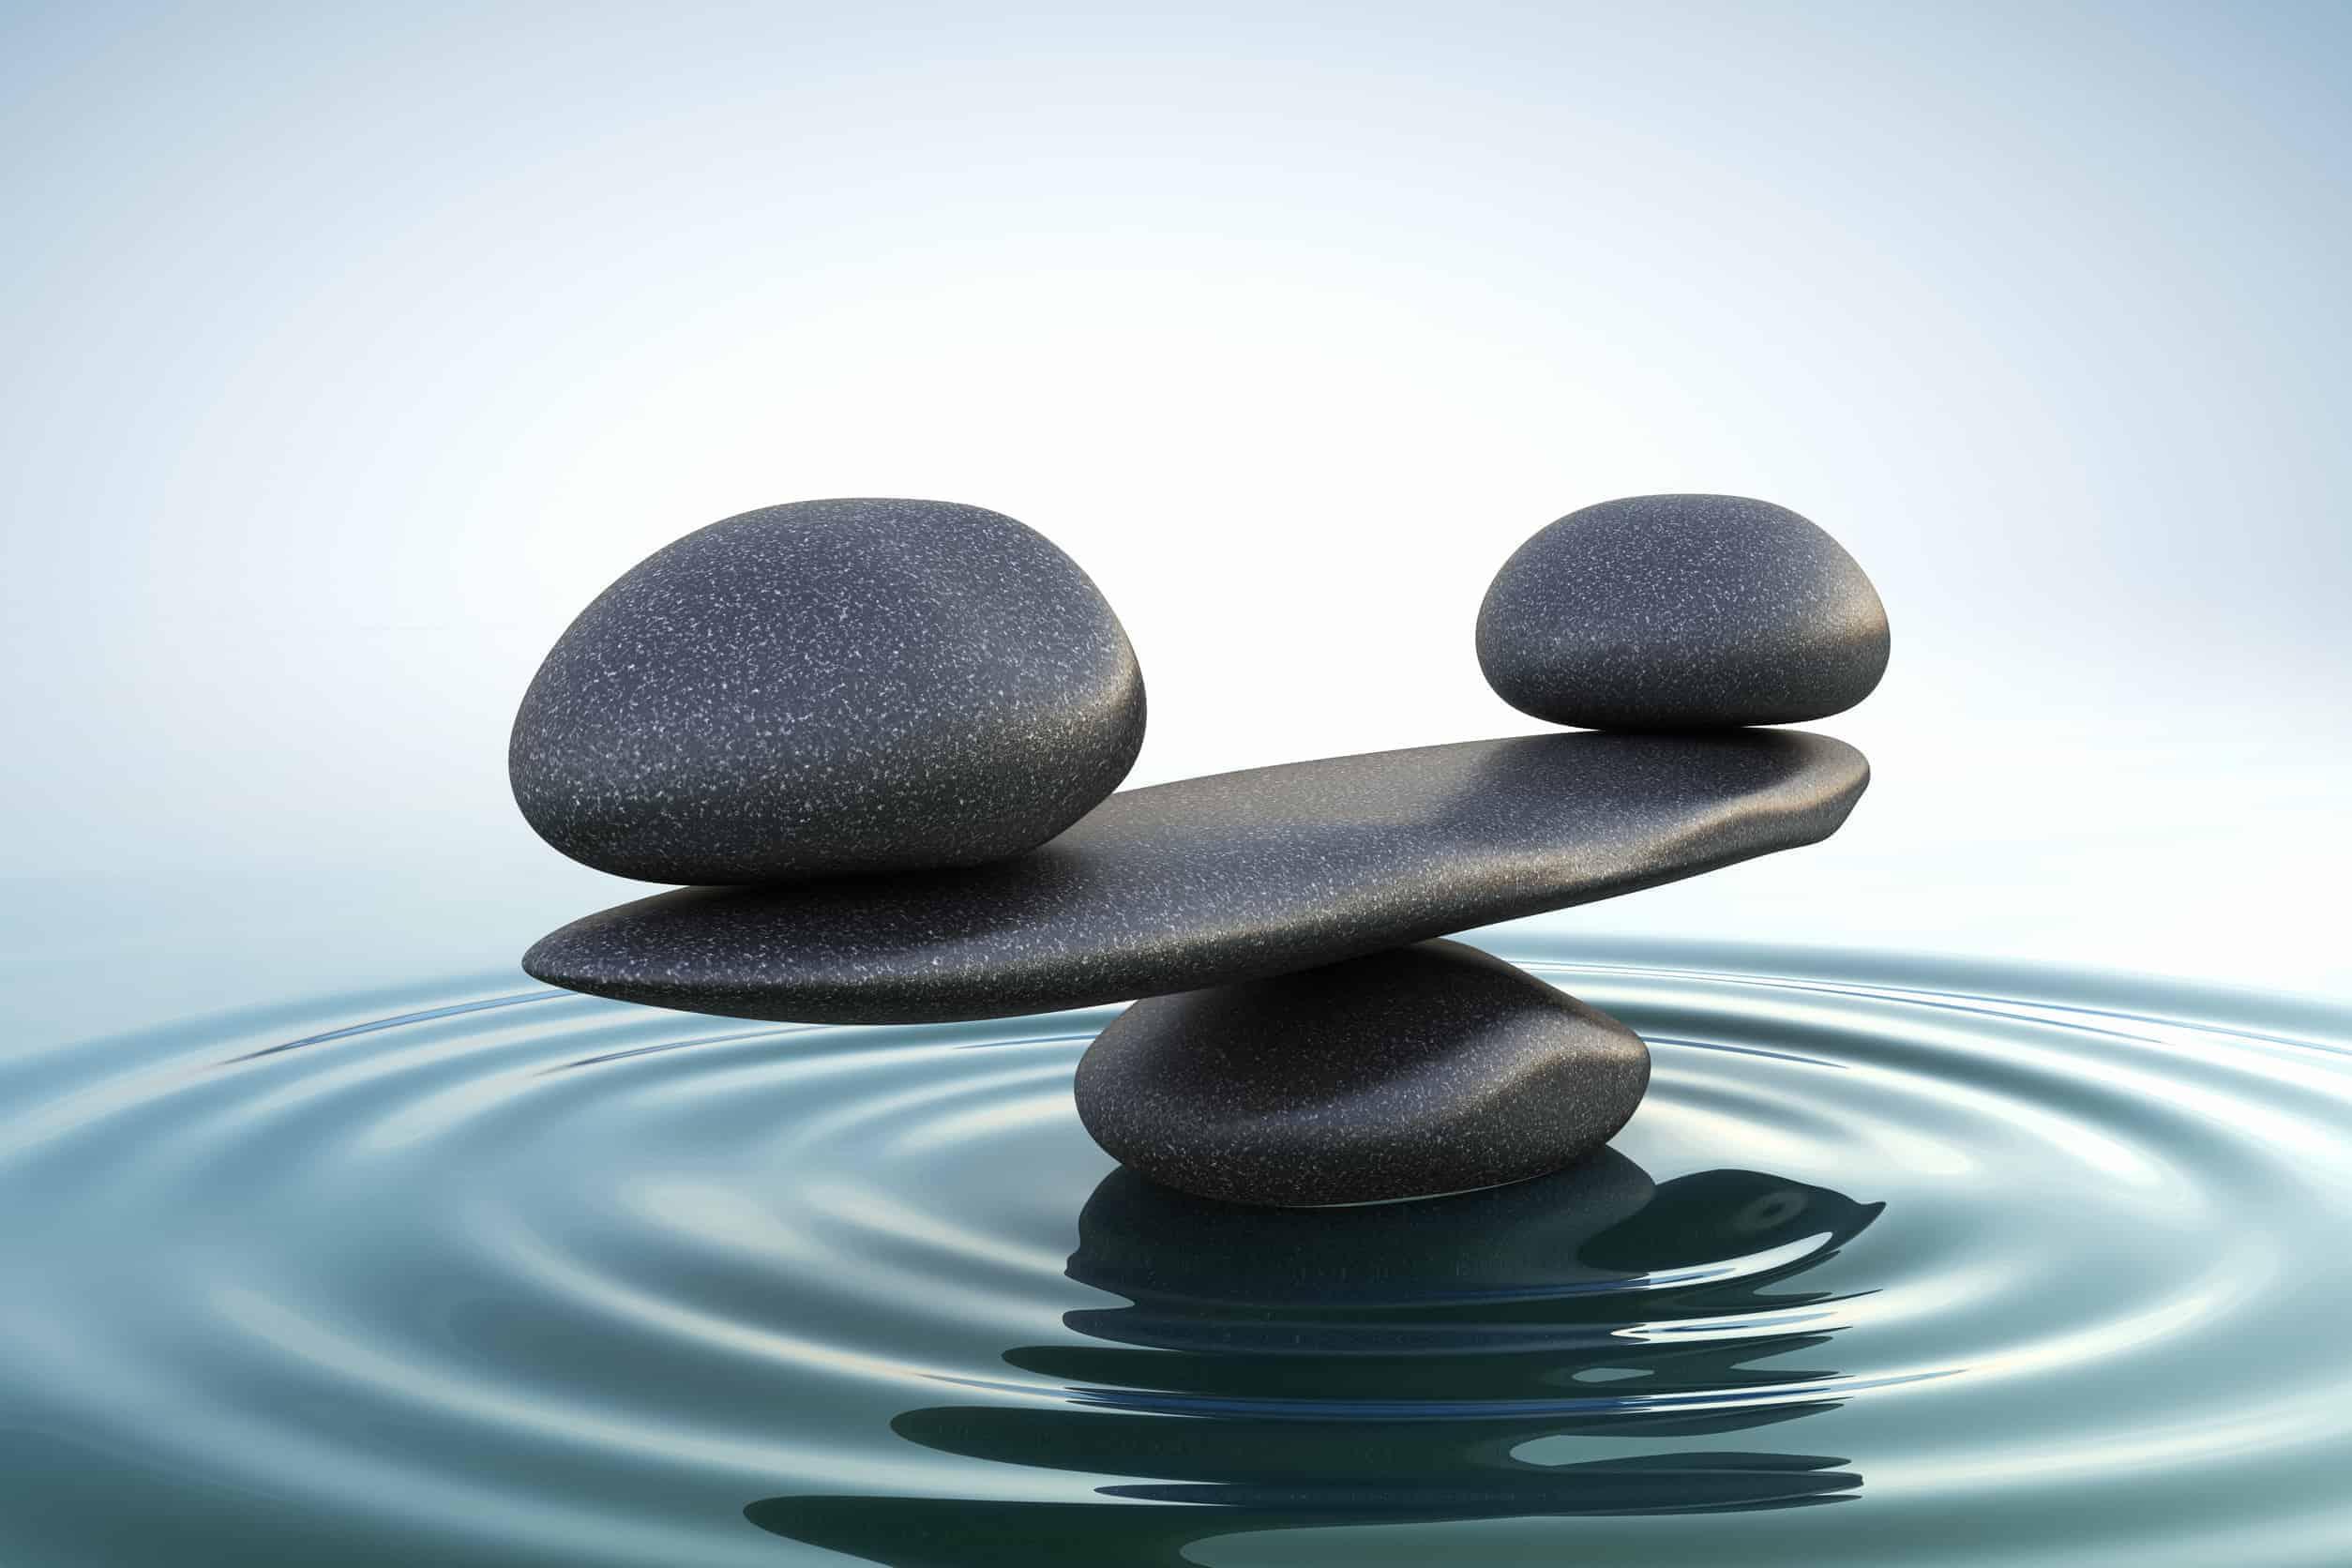 Balanceboard: Test & Empfehlungen (01/20)